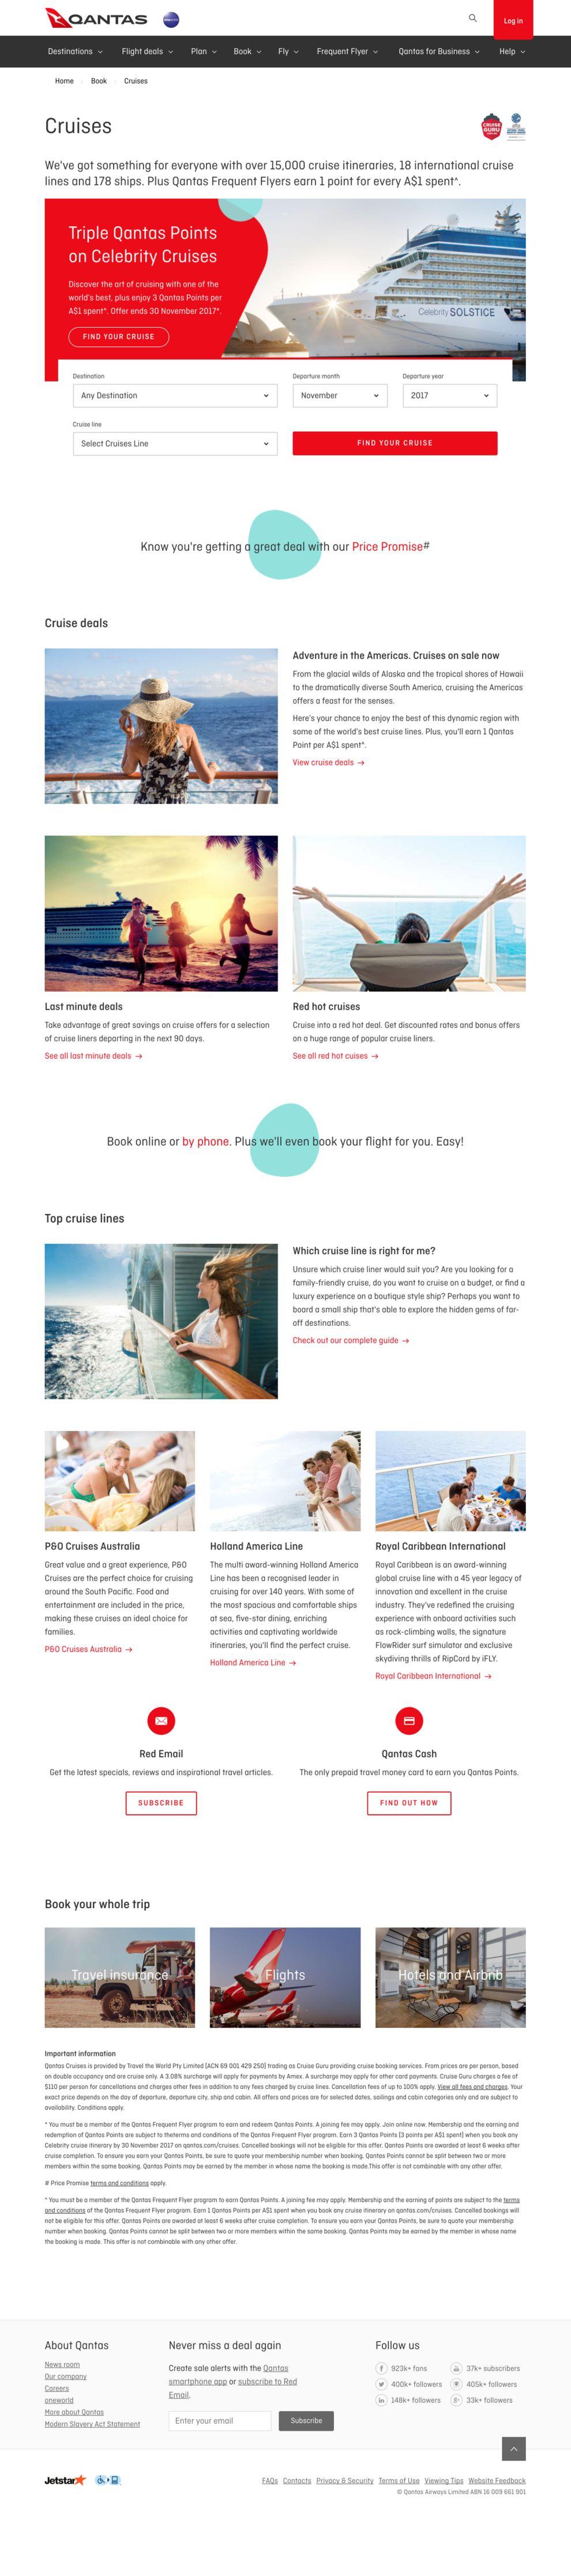 Qantas Clean Website Design